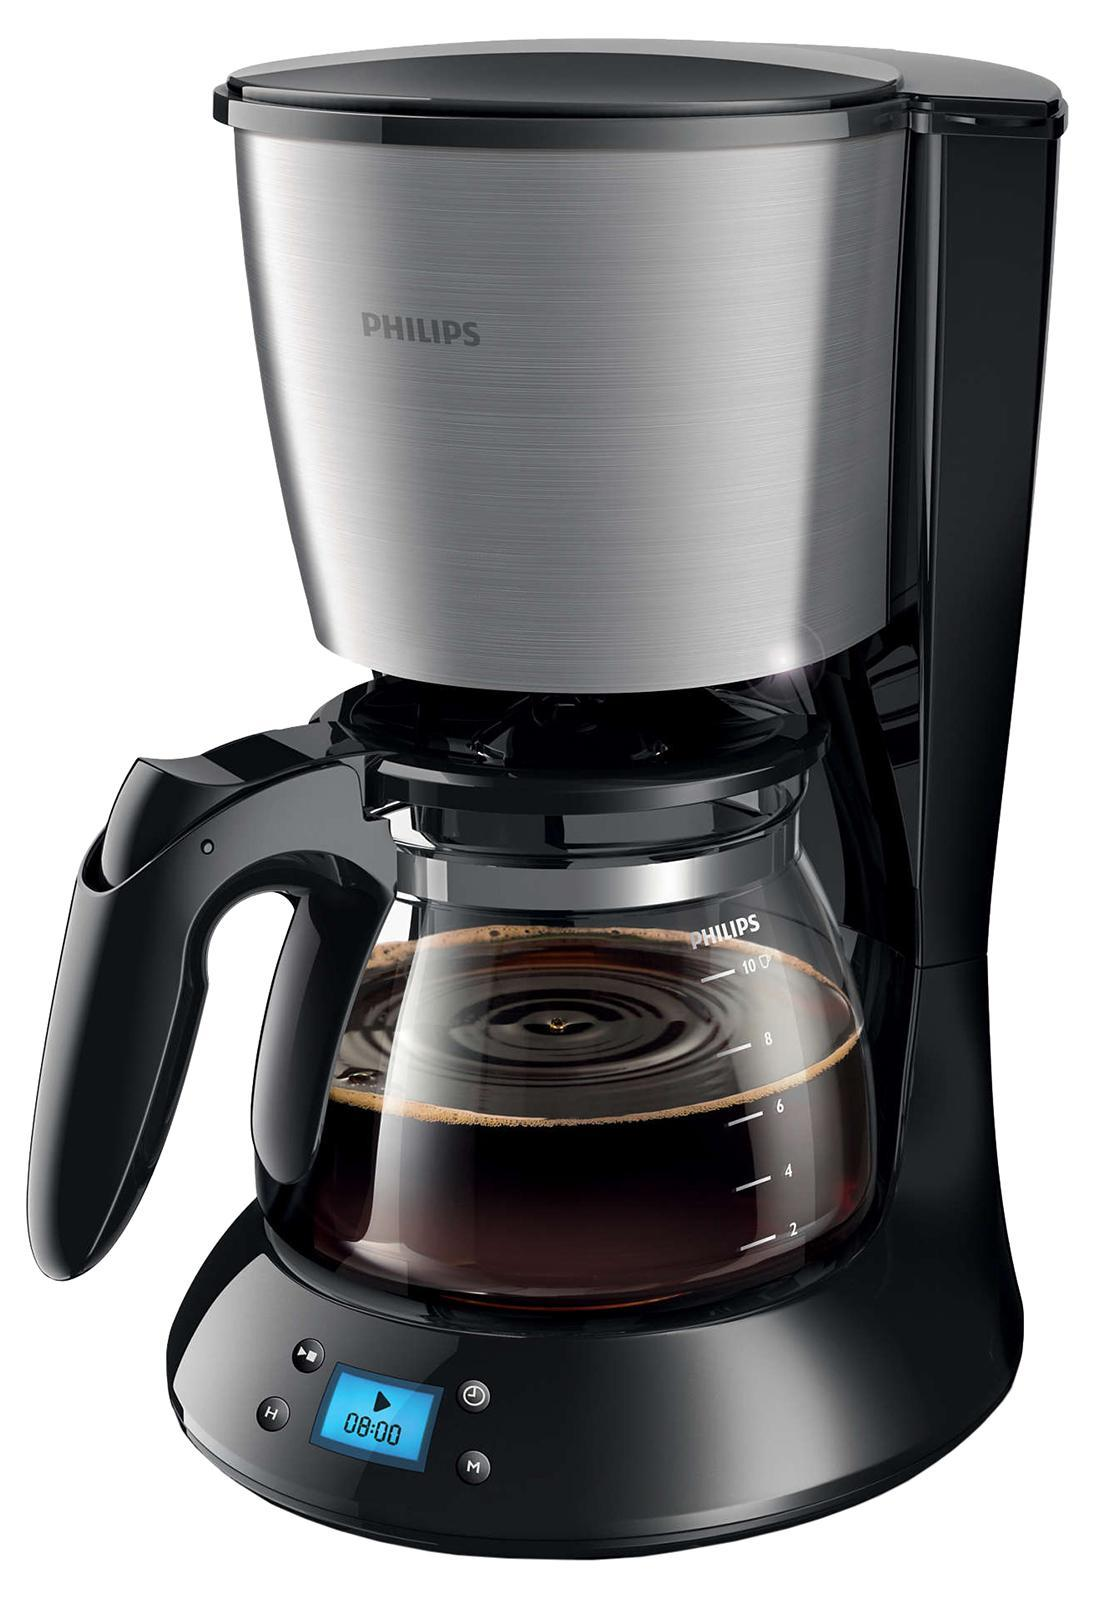 Philips HD7459/20 кофеваркаHD7459/20Бесподобный аромат свежесваренного кофе по утрам. Кофеварка Philips оснащенавстроенным таймером: просто подготовьте прибор, установите времявключения и наслаждайтесь ароматом свежесваренного кофе по утрам.Система капля-стоп позволяет прервать приготовление кофе влюбой момент. Система капля-стоп позволяет в любой моментпрервать приготовление и налить в чашку ароматный кофе. Удобство очистки:съемные части можно мыть в посудомоечной машине. Для удобнойочистки все детали этой кофеварки Philips можно мыть в посудомоечноймашине. Автоотключение через 30 минут. Забыли выключить кофемашину? Не беспокойтесь! В целях экономииэнергии кофемашина выключится автоматически через 30 минут послеприготовления напитка. Функция AromaSwirl для насыщенного аромата кофе. ФункцияAromaSwirl перемешивает кофе для создания насыщенного вкуса и ароматаИнновационный индикатор уровня воды. Чтобы вам было удобно следитьза объемом воды в резервуаре, компания Philips разработалаинновационный индикатор.